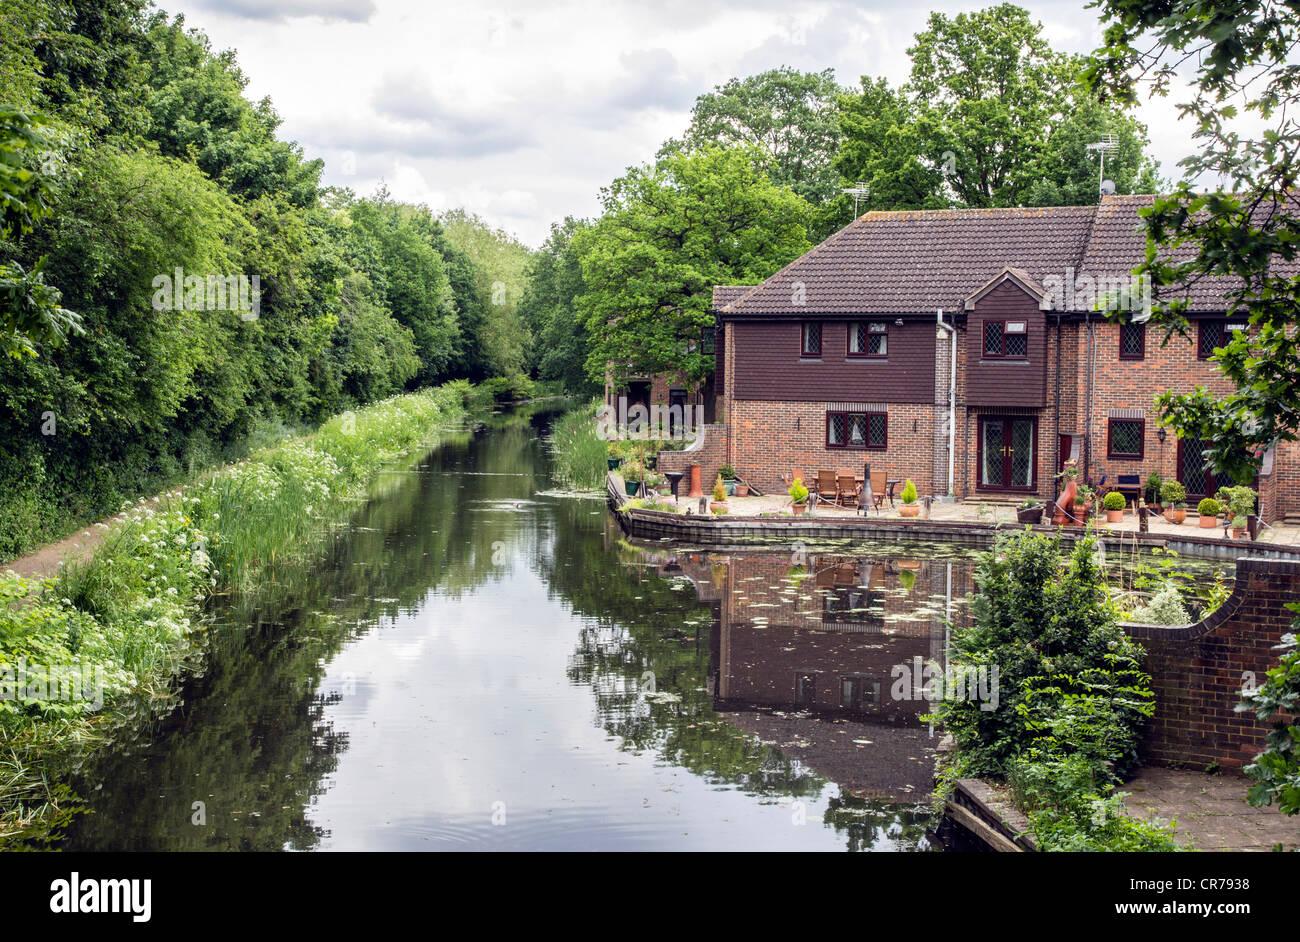 Basinstoke Canal, Woking, canal-side house, Surrey, England, UK. - Stock Image